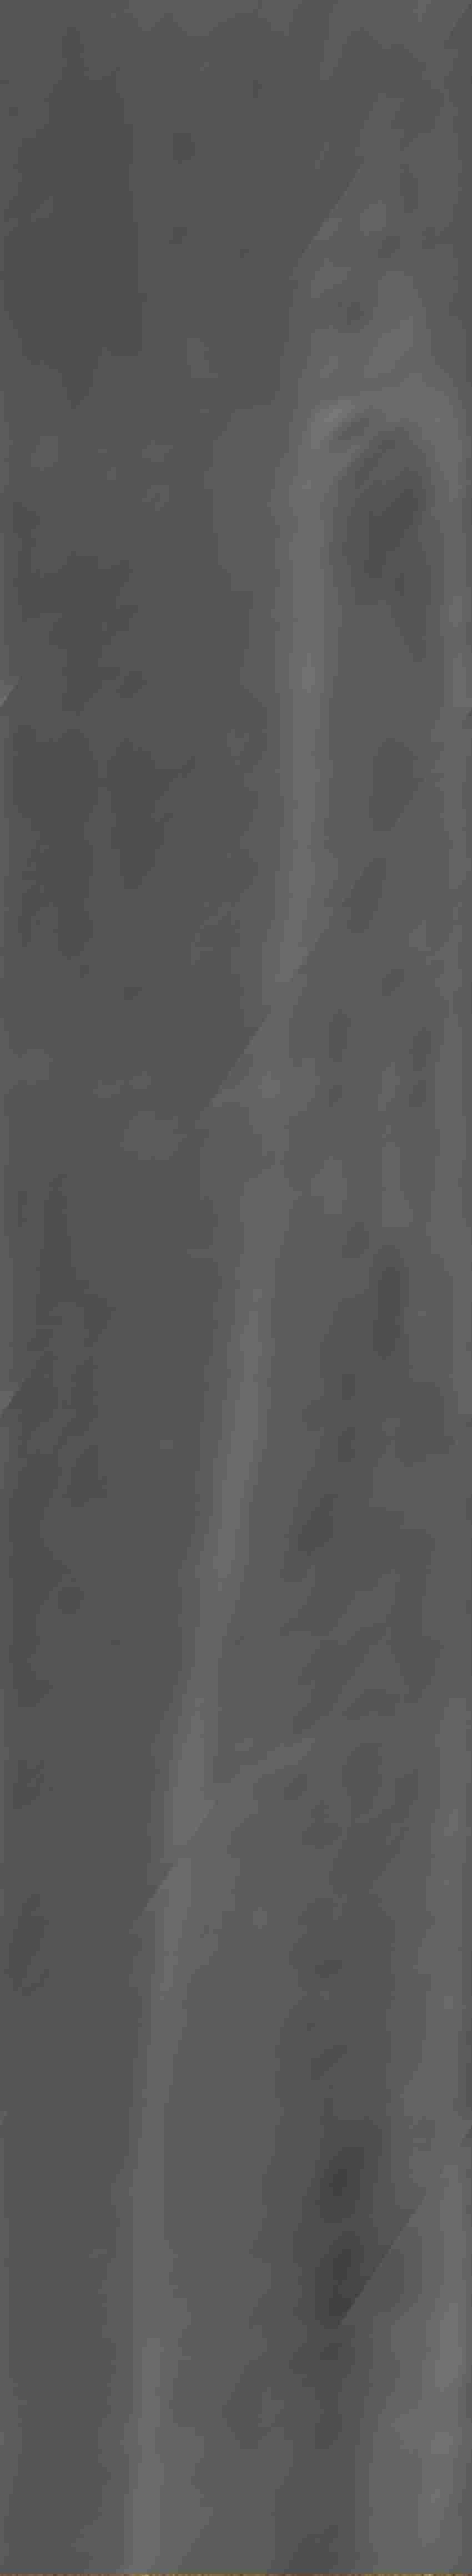 Płytka ścienno-podłogowa Cerrad Giornata Marrone